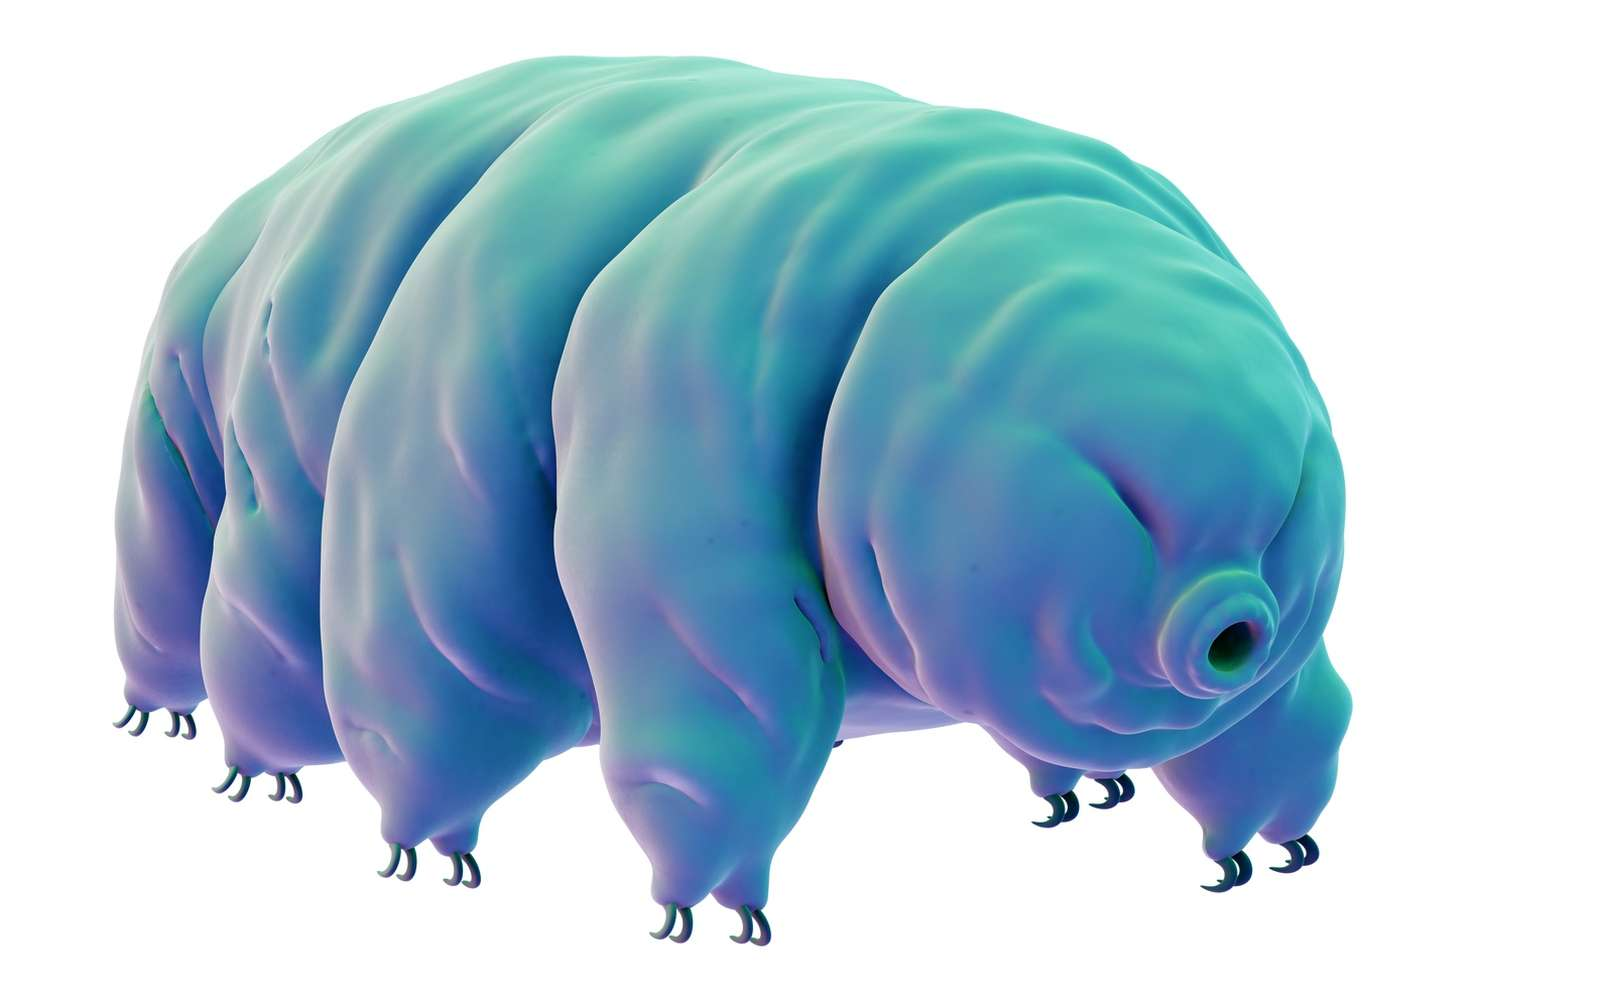 Les tardigrades résistent à la dessiccation, une capacité très rare dans le monde animal. Leur technique vient d'être découverte. © Eraxion, Istock.com